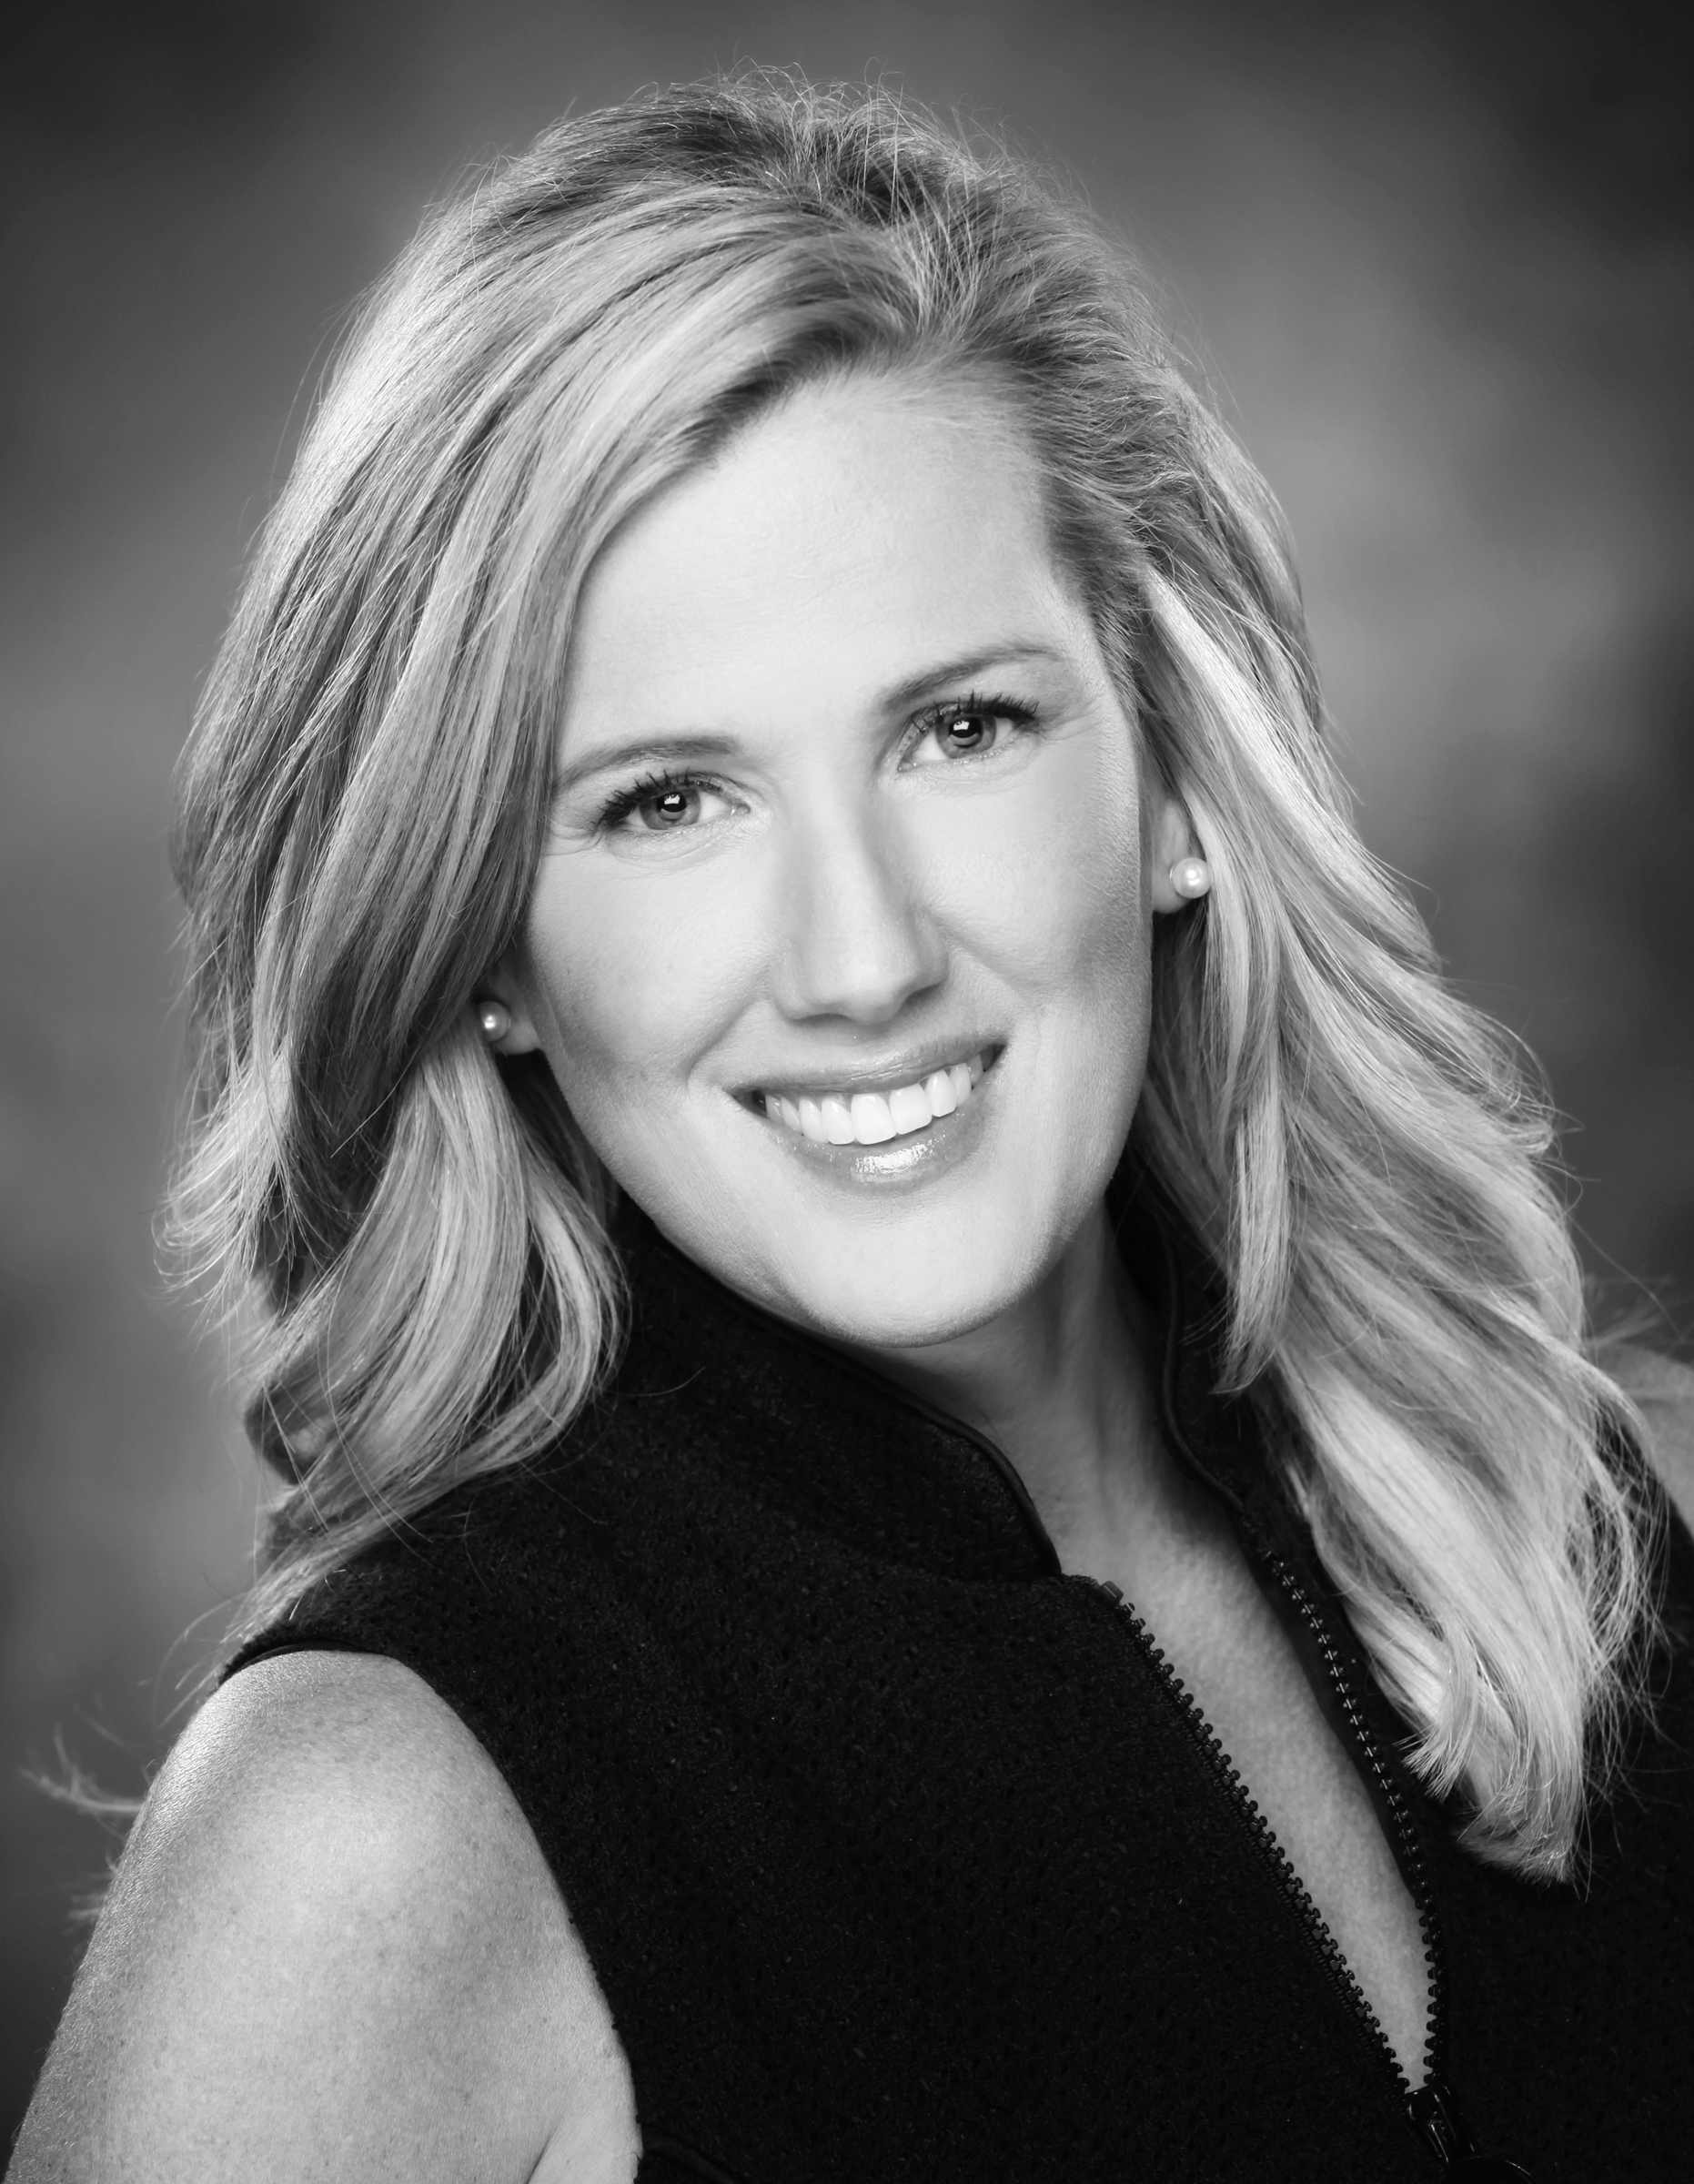 Lori O'Brien